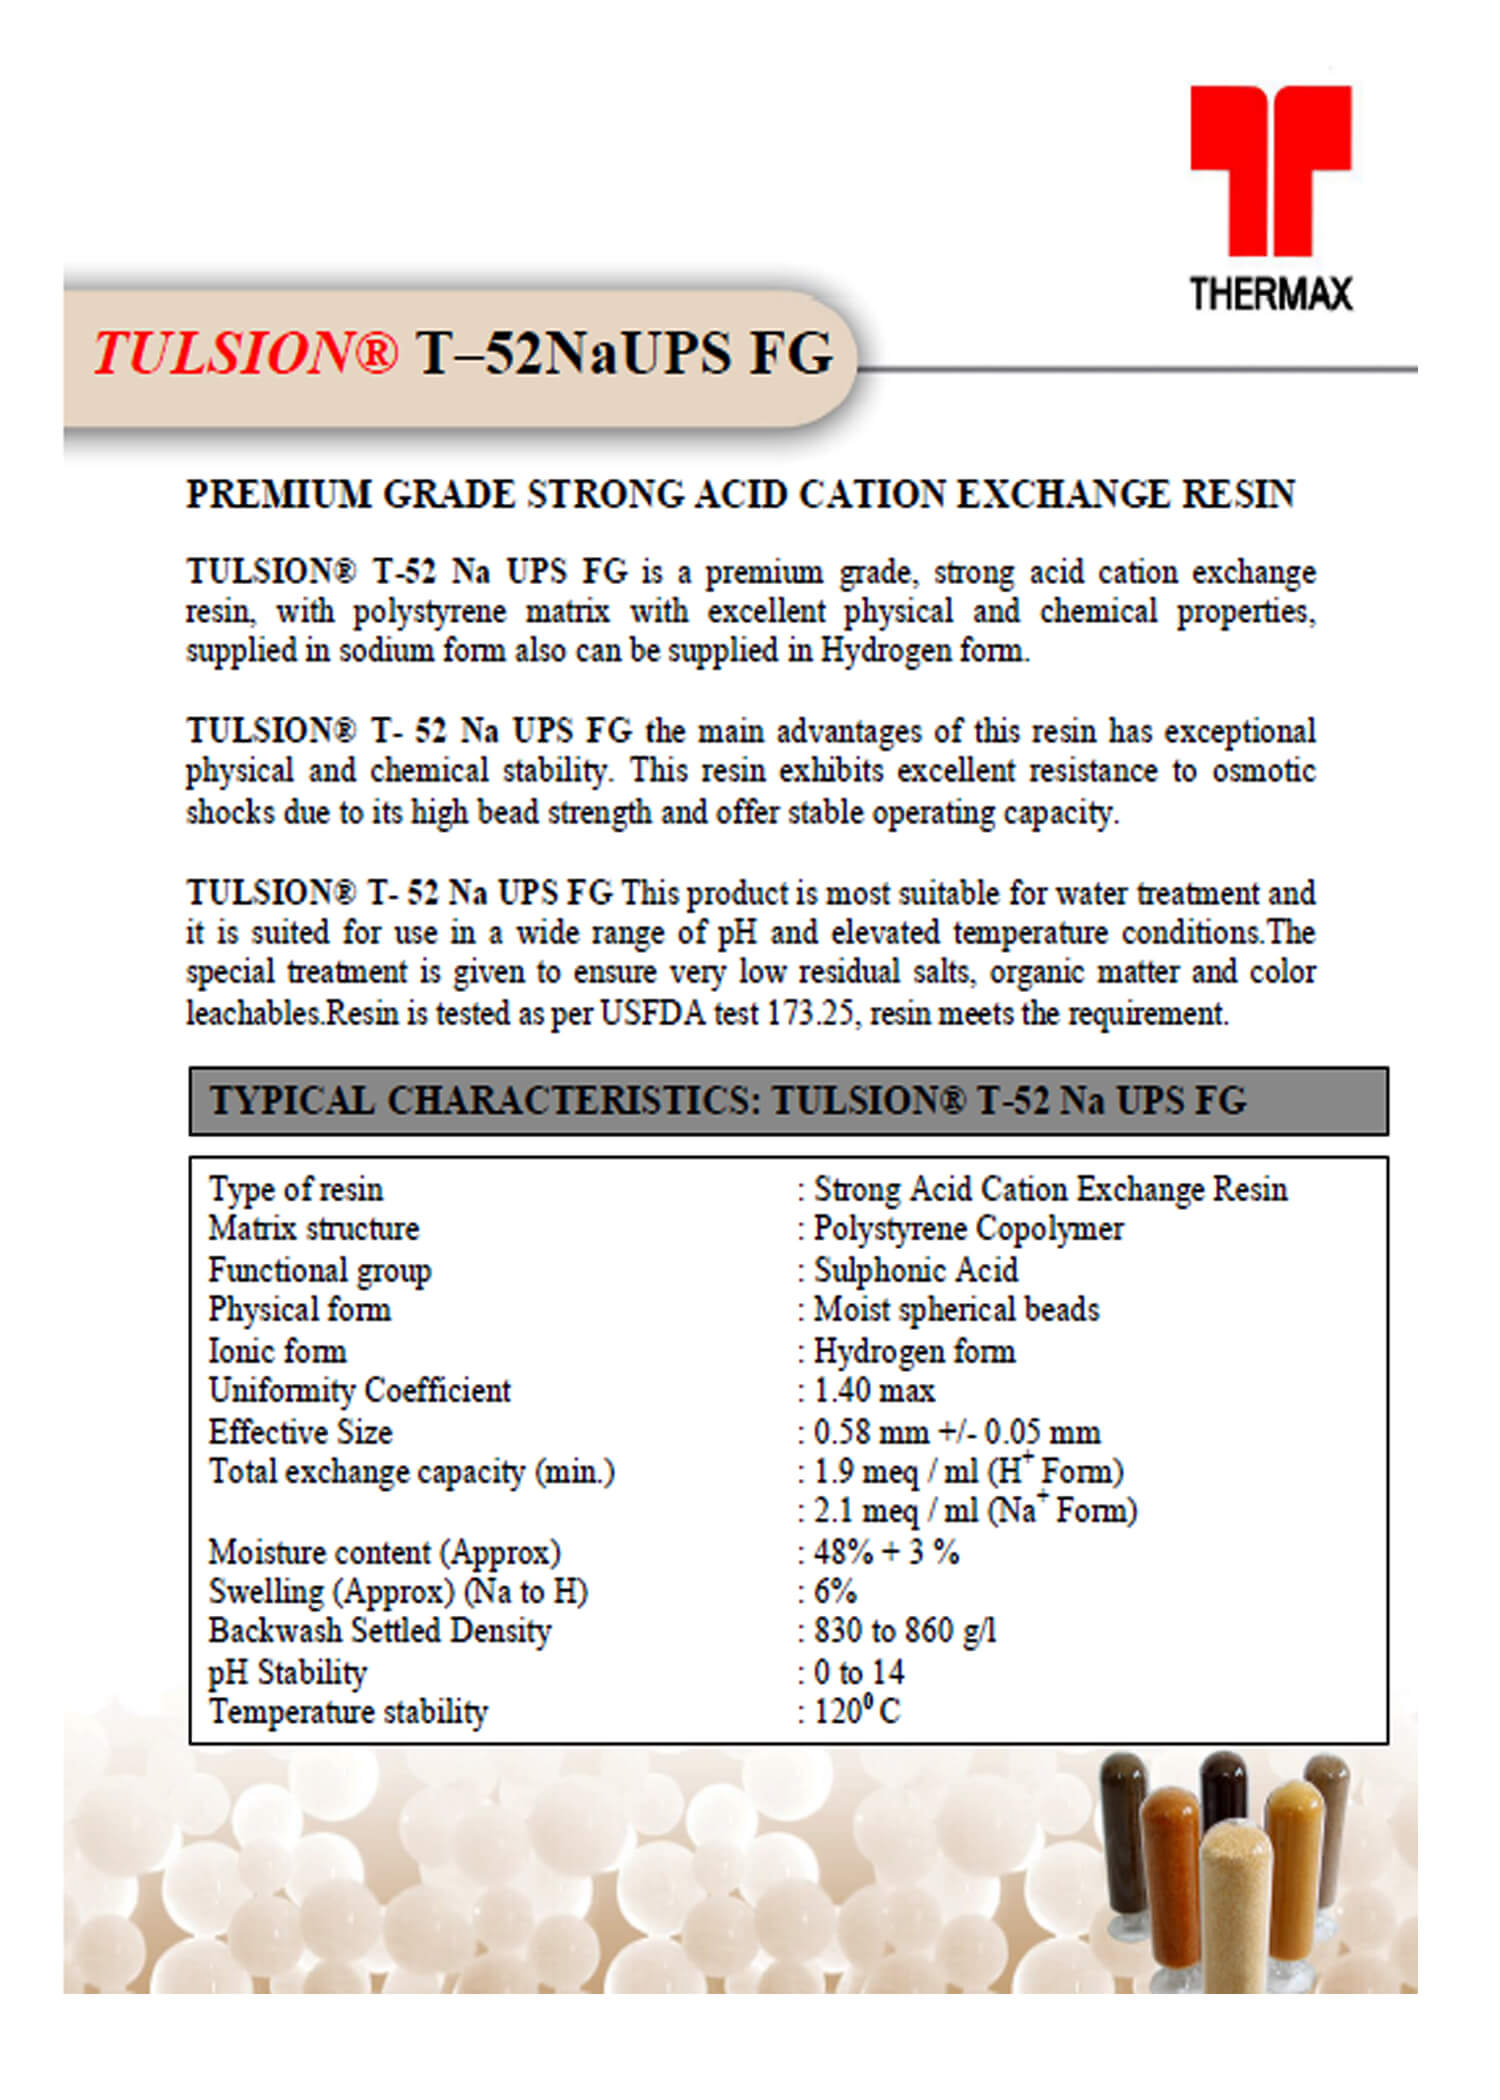 Tulsion T-52 NaUPS FG